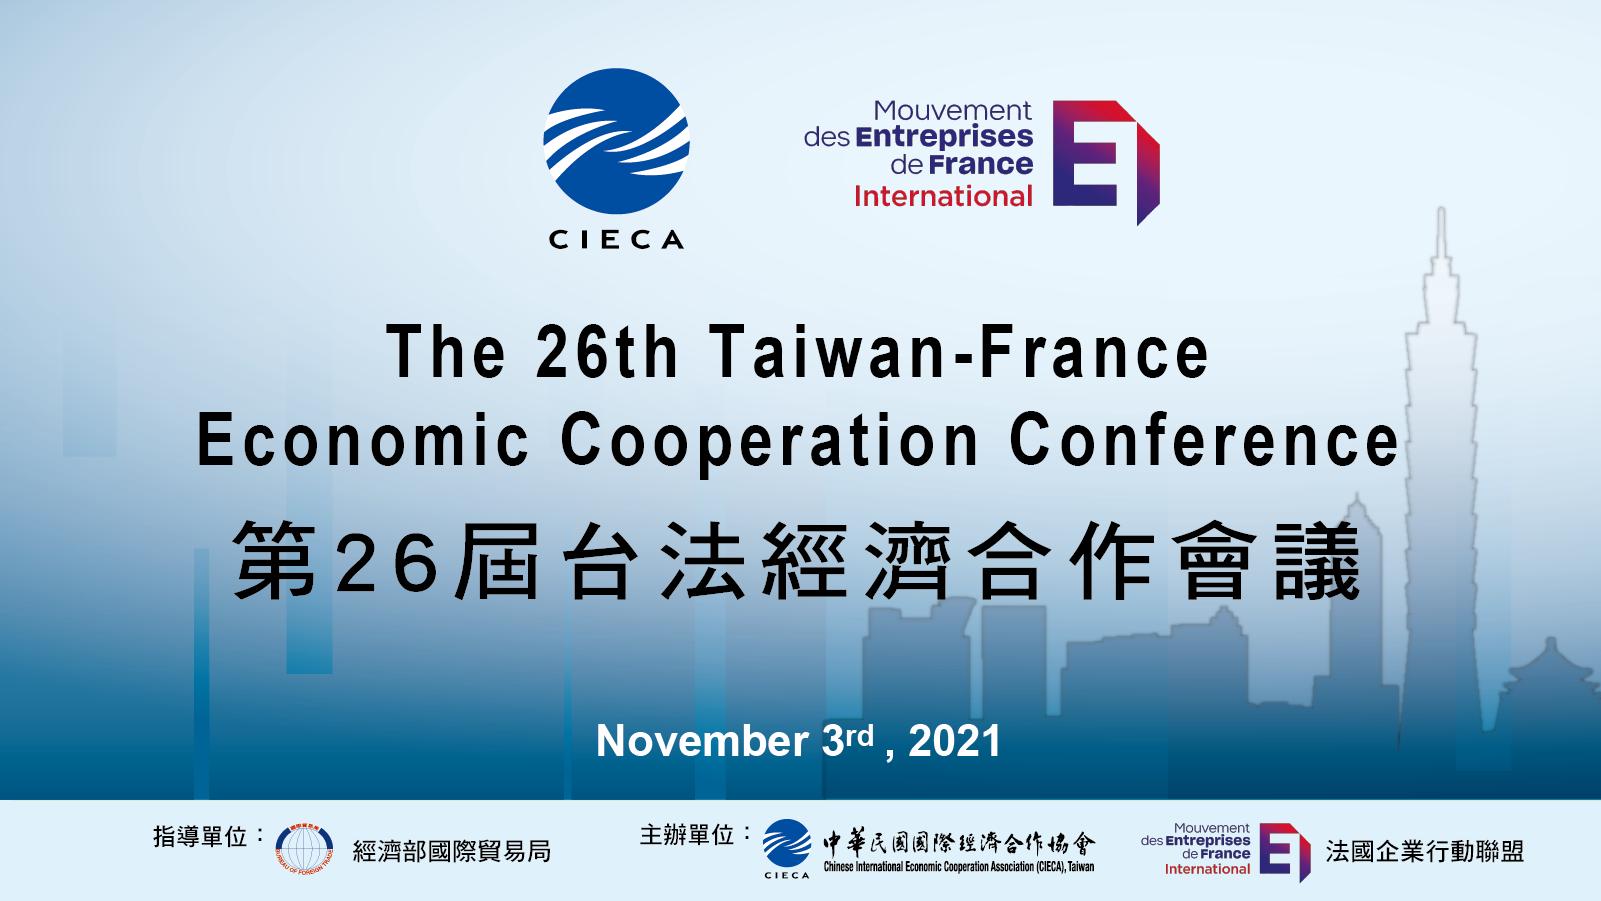 第26屆台法經濟合作會議